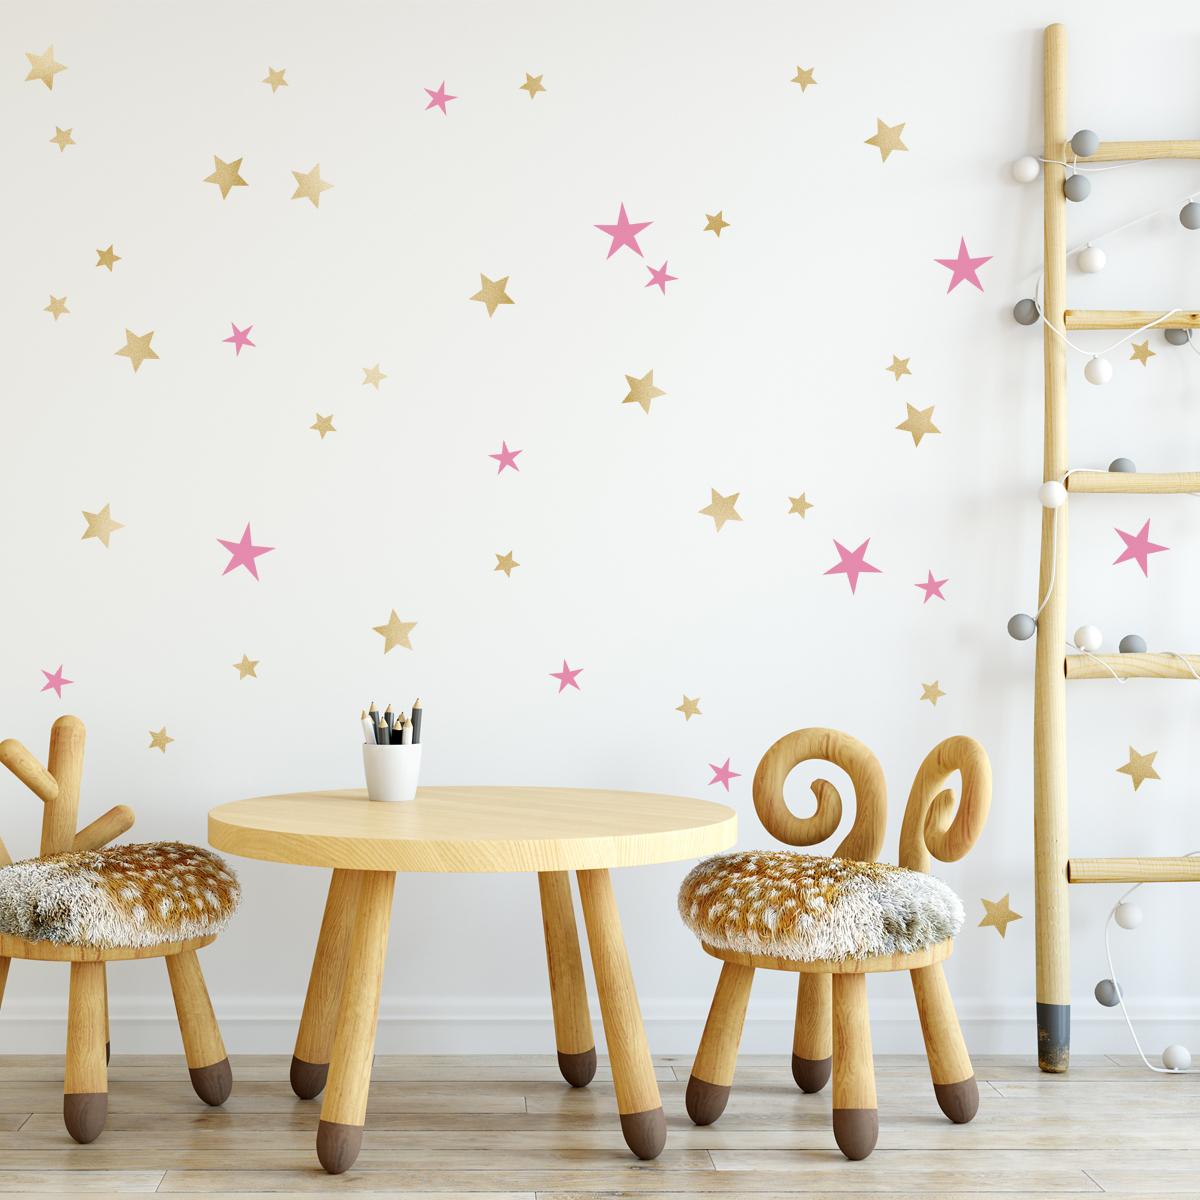 HOUSEDECOR Samolepka na zeď Hvězdy zlaté a růžové